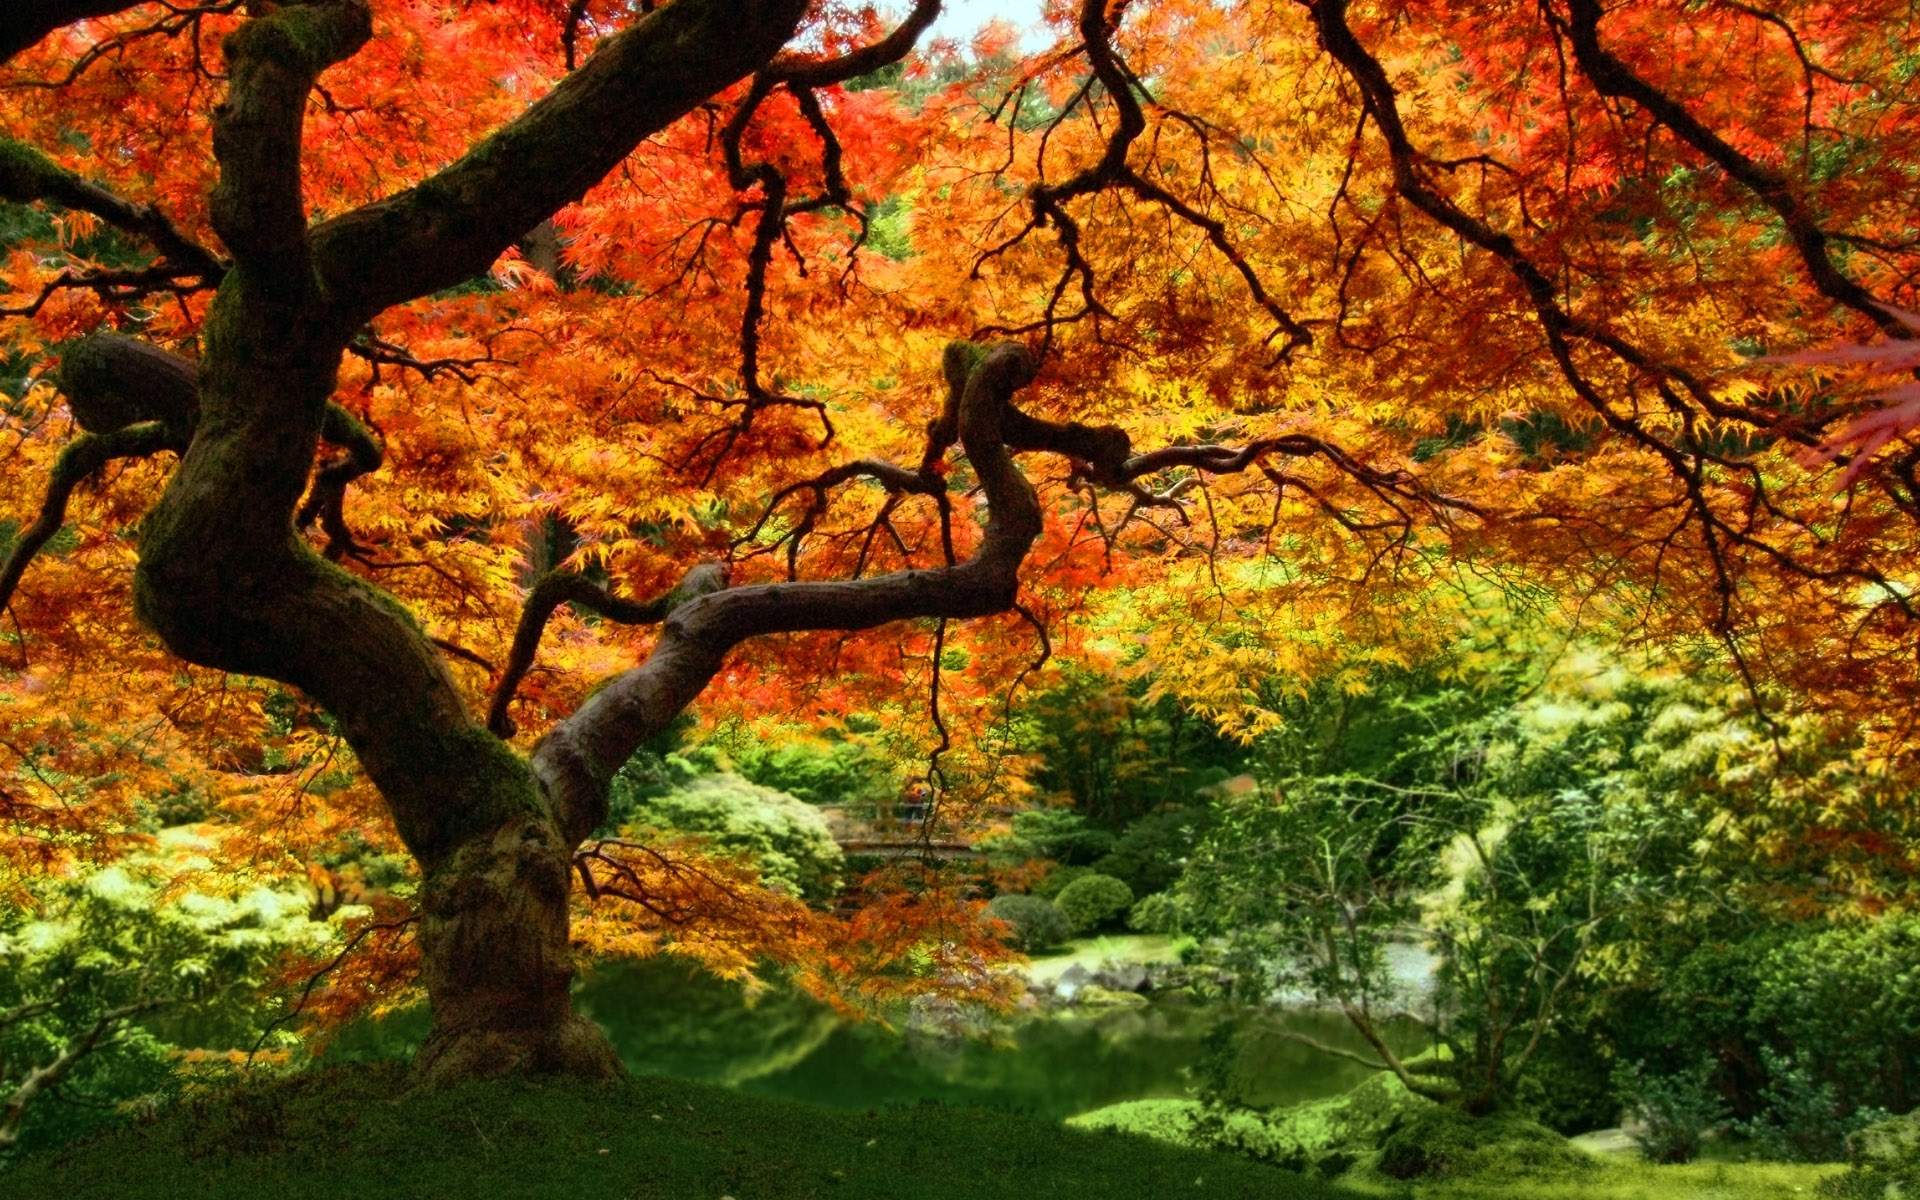 Скачать картинку Растения, Пейзаж, Деревья, Осень в телефон бесплатно.